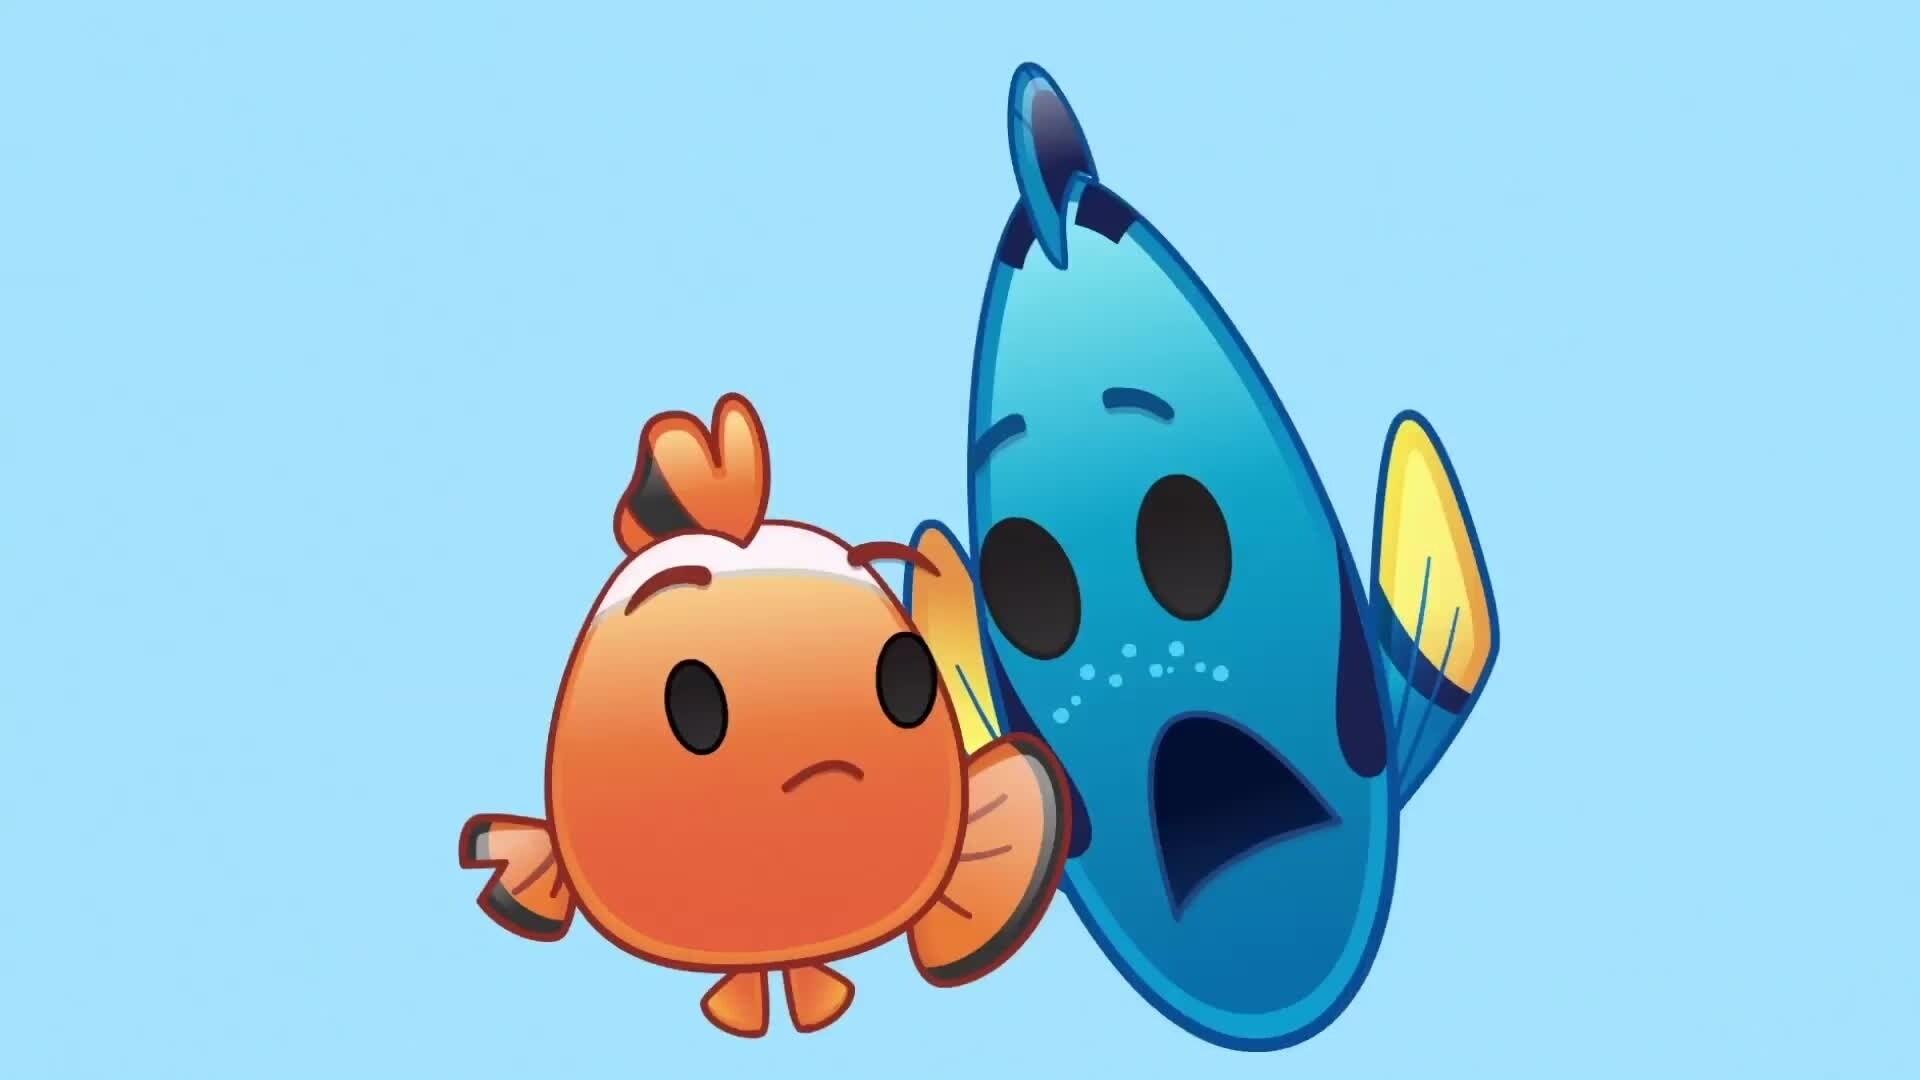 Le Monde de Dory raconté par des Emojis